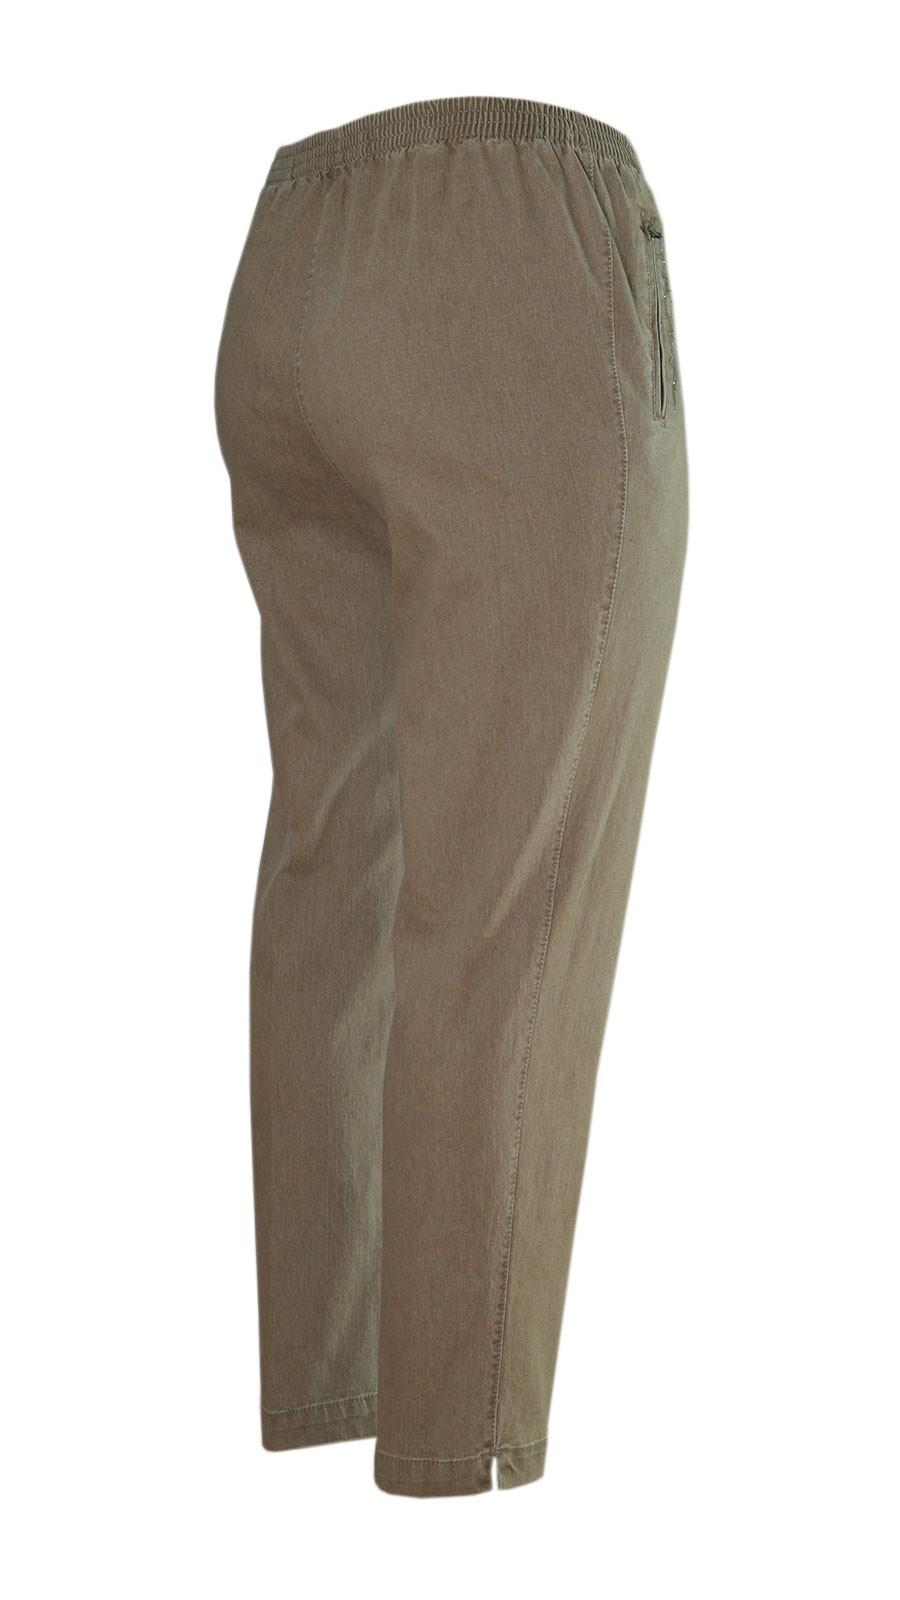 Damen Stretch Jeans Schlupfhose Schlupfjeans K-Größen - Herbst-Winter-Kollektion - beige